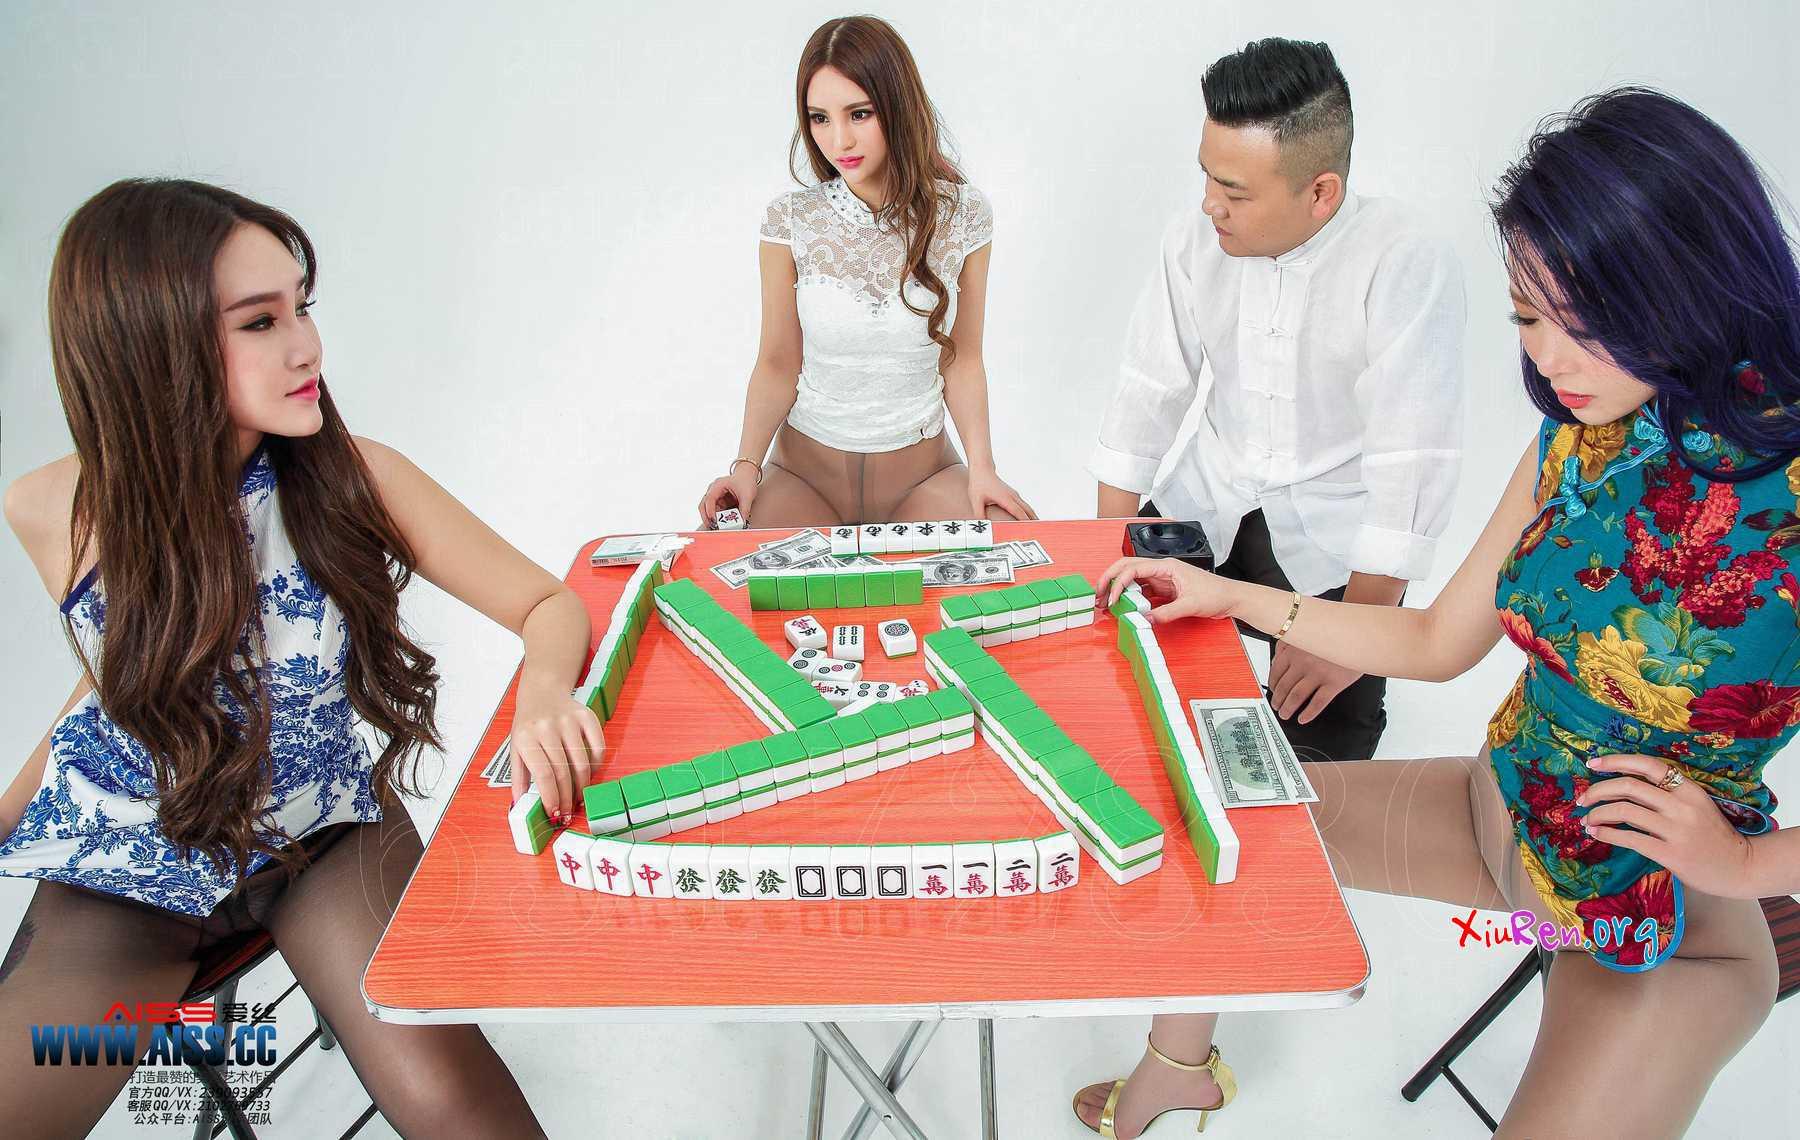 Xiu Ren - 100% Chinese Girls, 100% Made In China